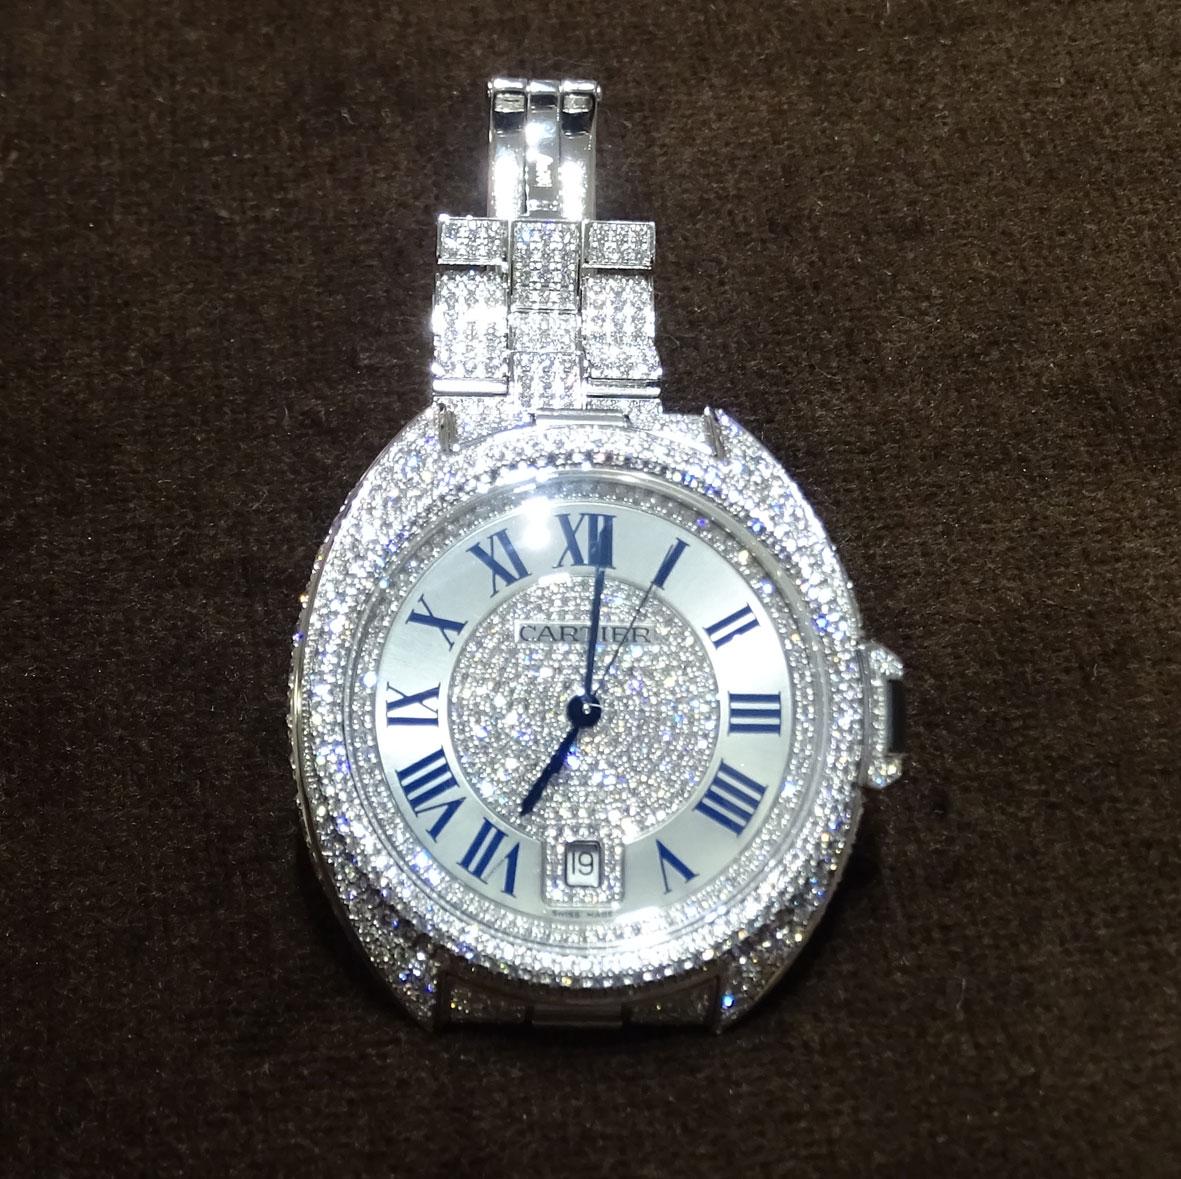 Cle de Cartier pavonado de diamantes